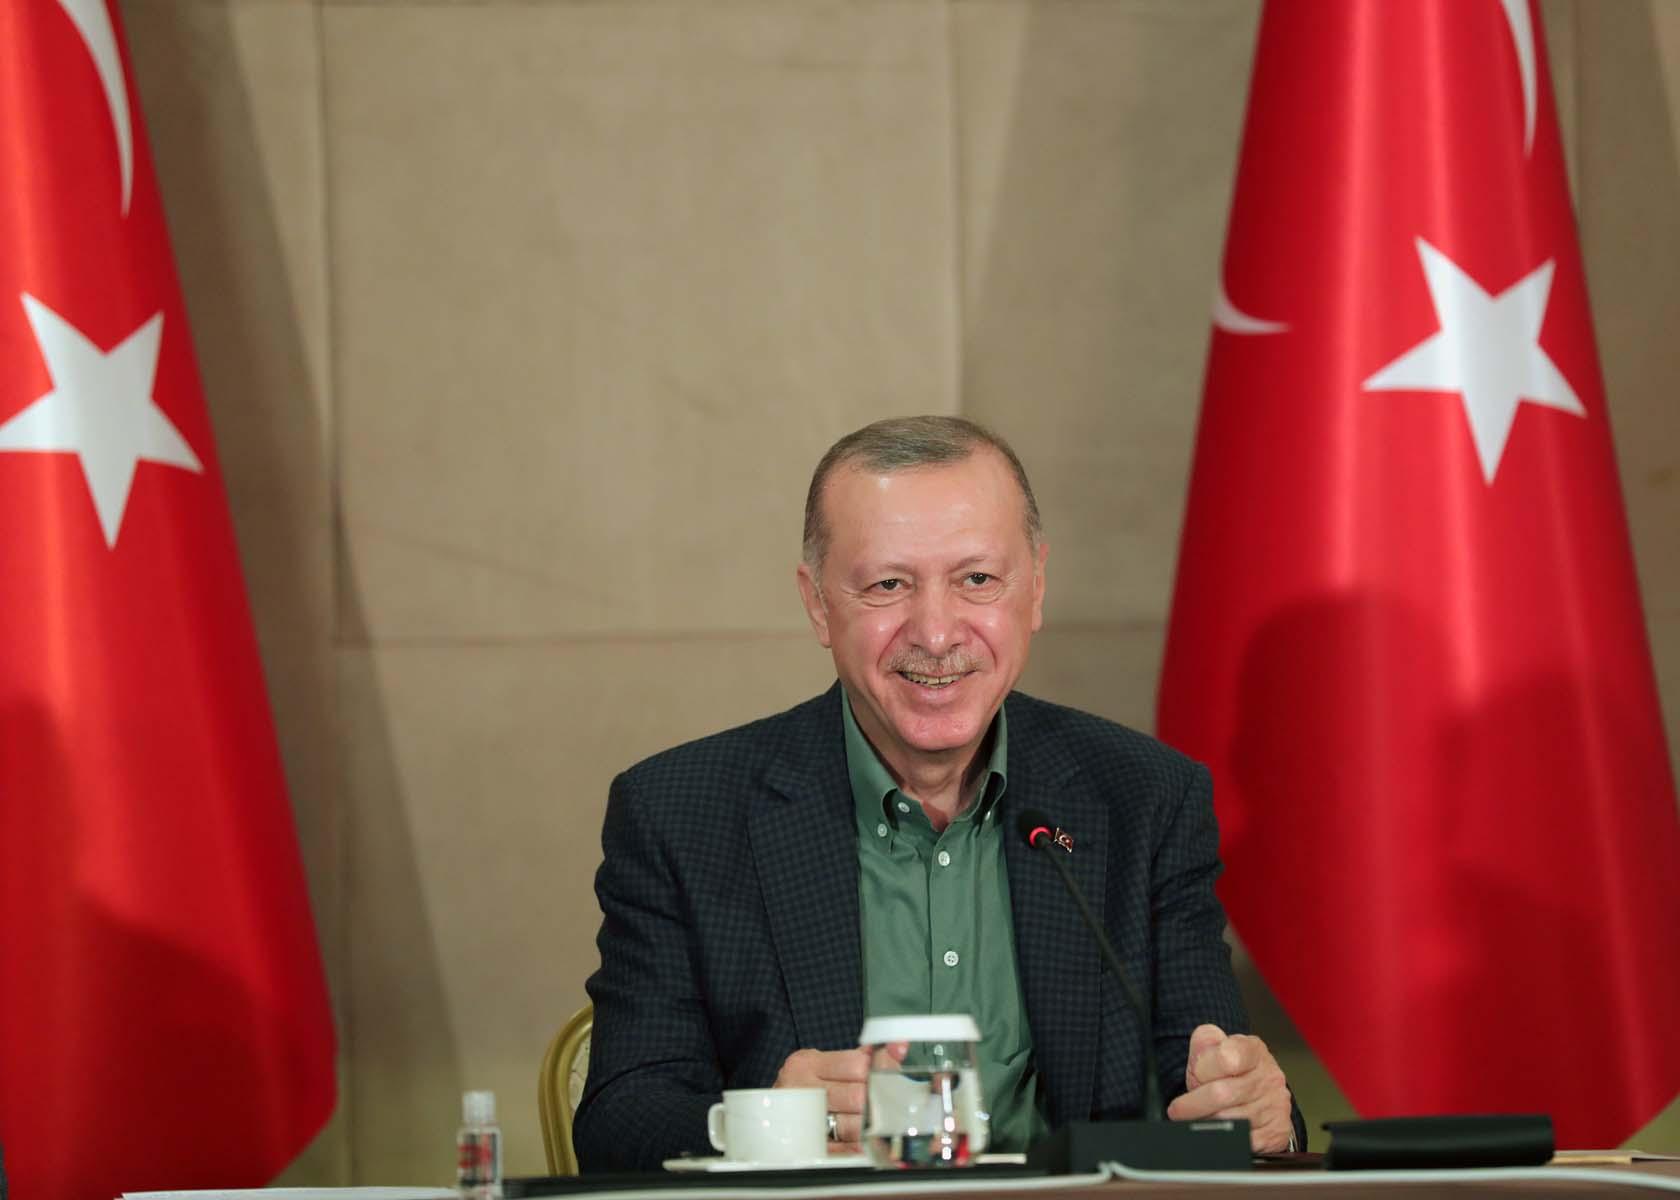 Cumhurbaşkanı Erdoğan, Babalar Günü'nde gençlerle buluştu